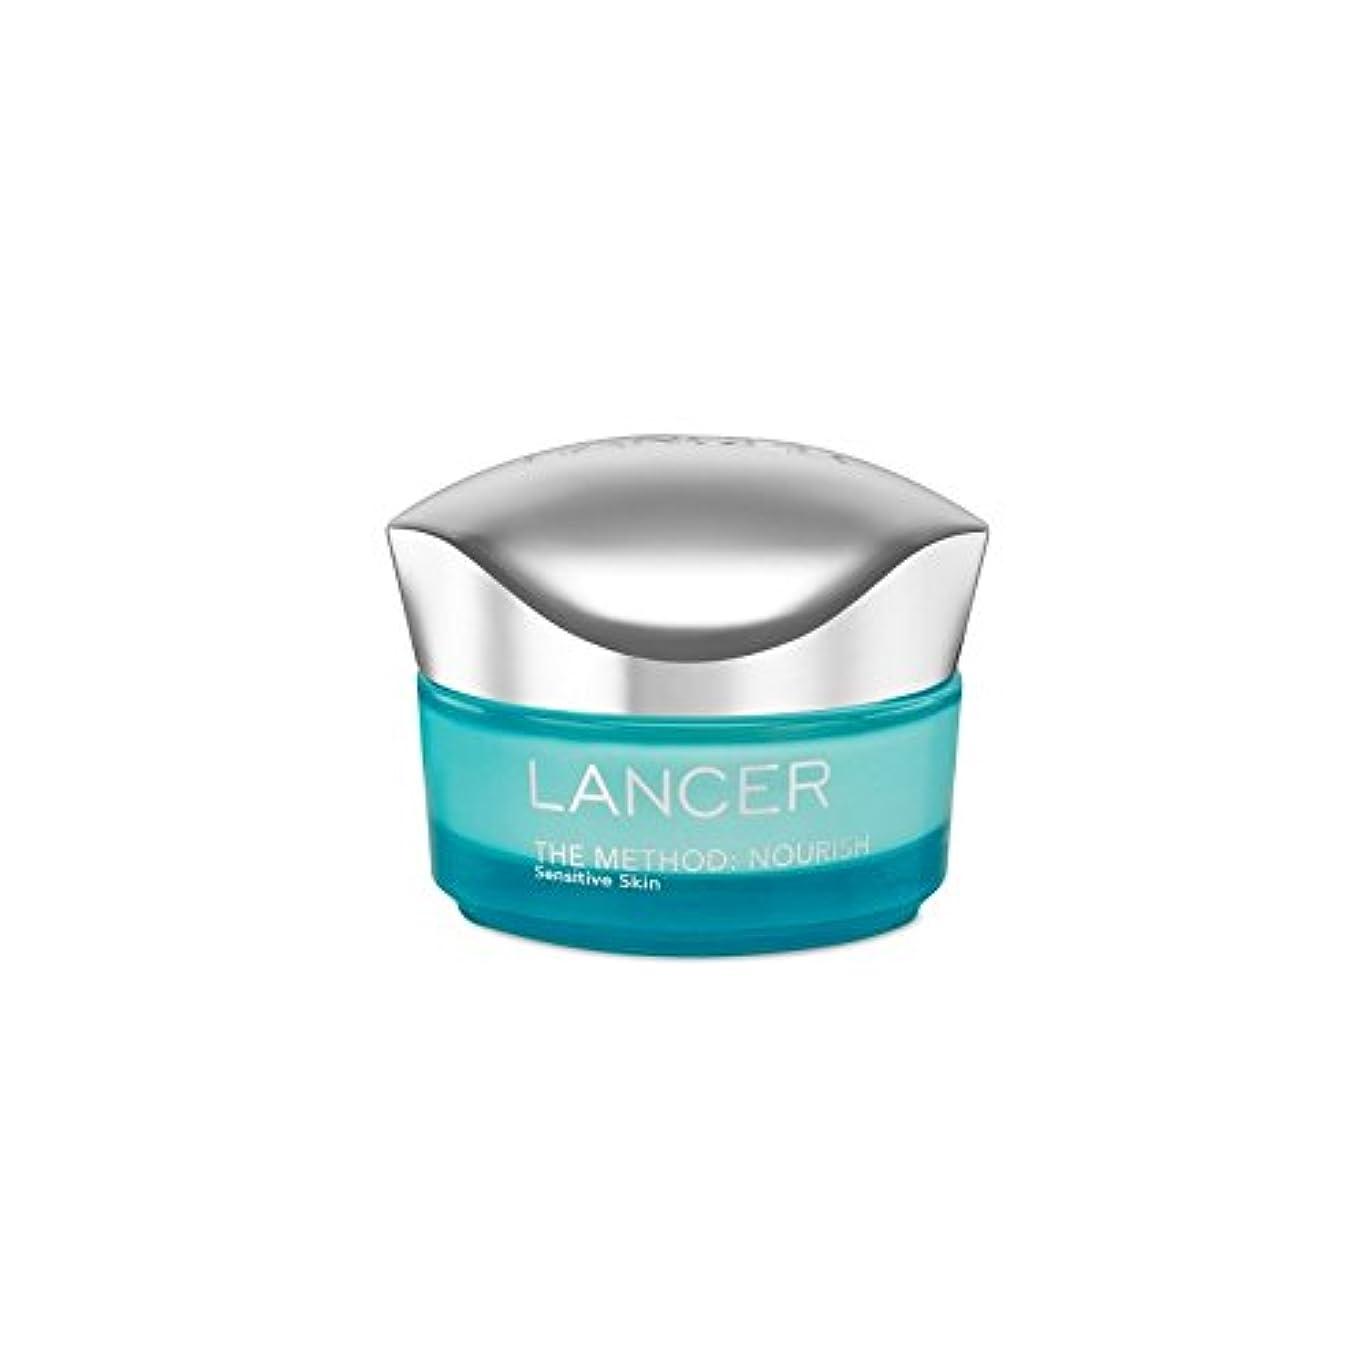 民族主義初期粘液ランサーは、この方法をスキンケア:保湿敏感肌(50)に栄養を与えます x2 - Lancer Skincare The Method: Nourish Moisturiser Sensitive Skin (50ml) (Pack of 2) [並行輸入品]